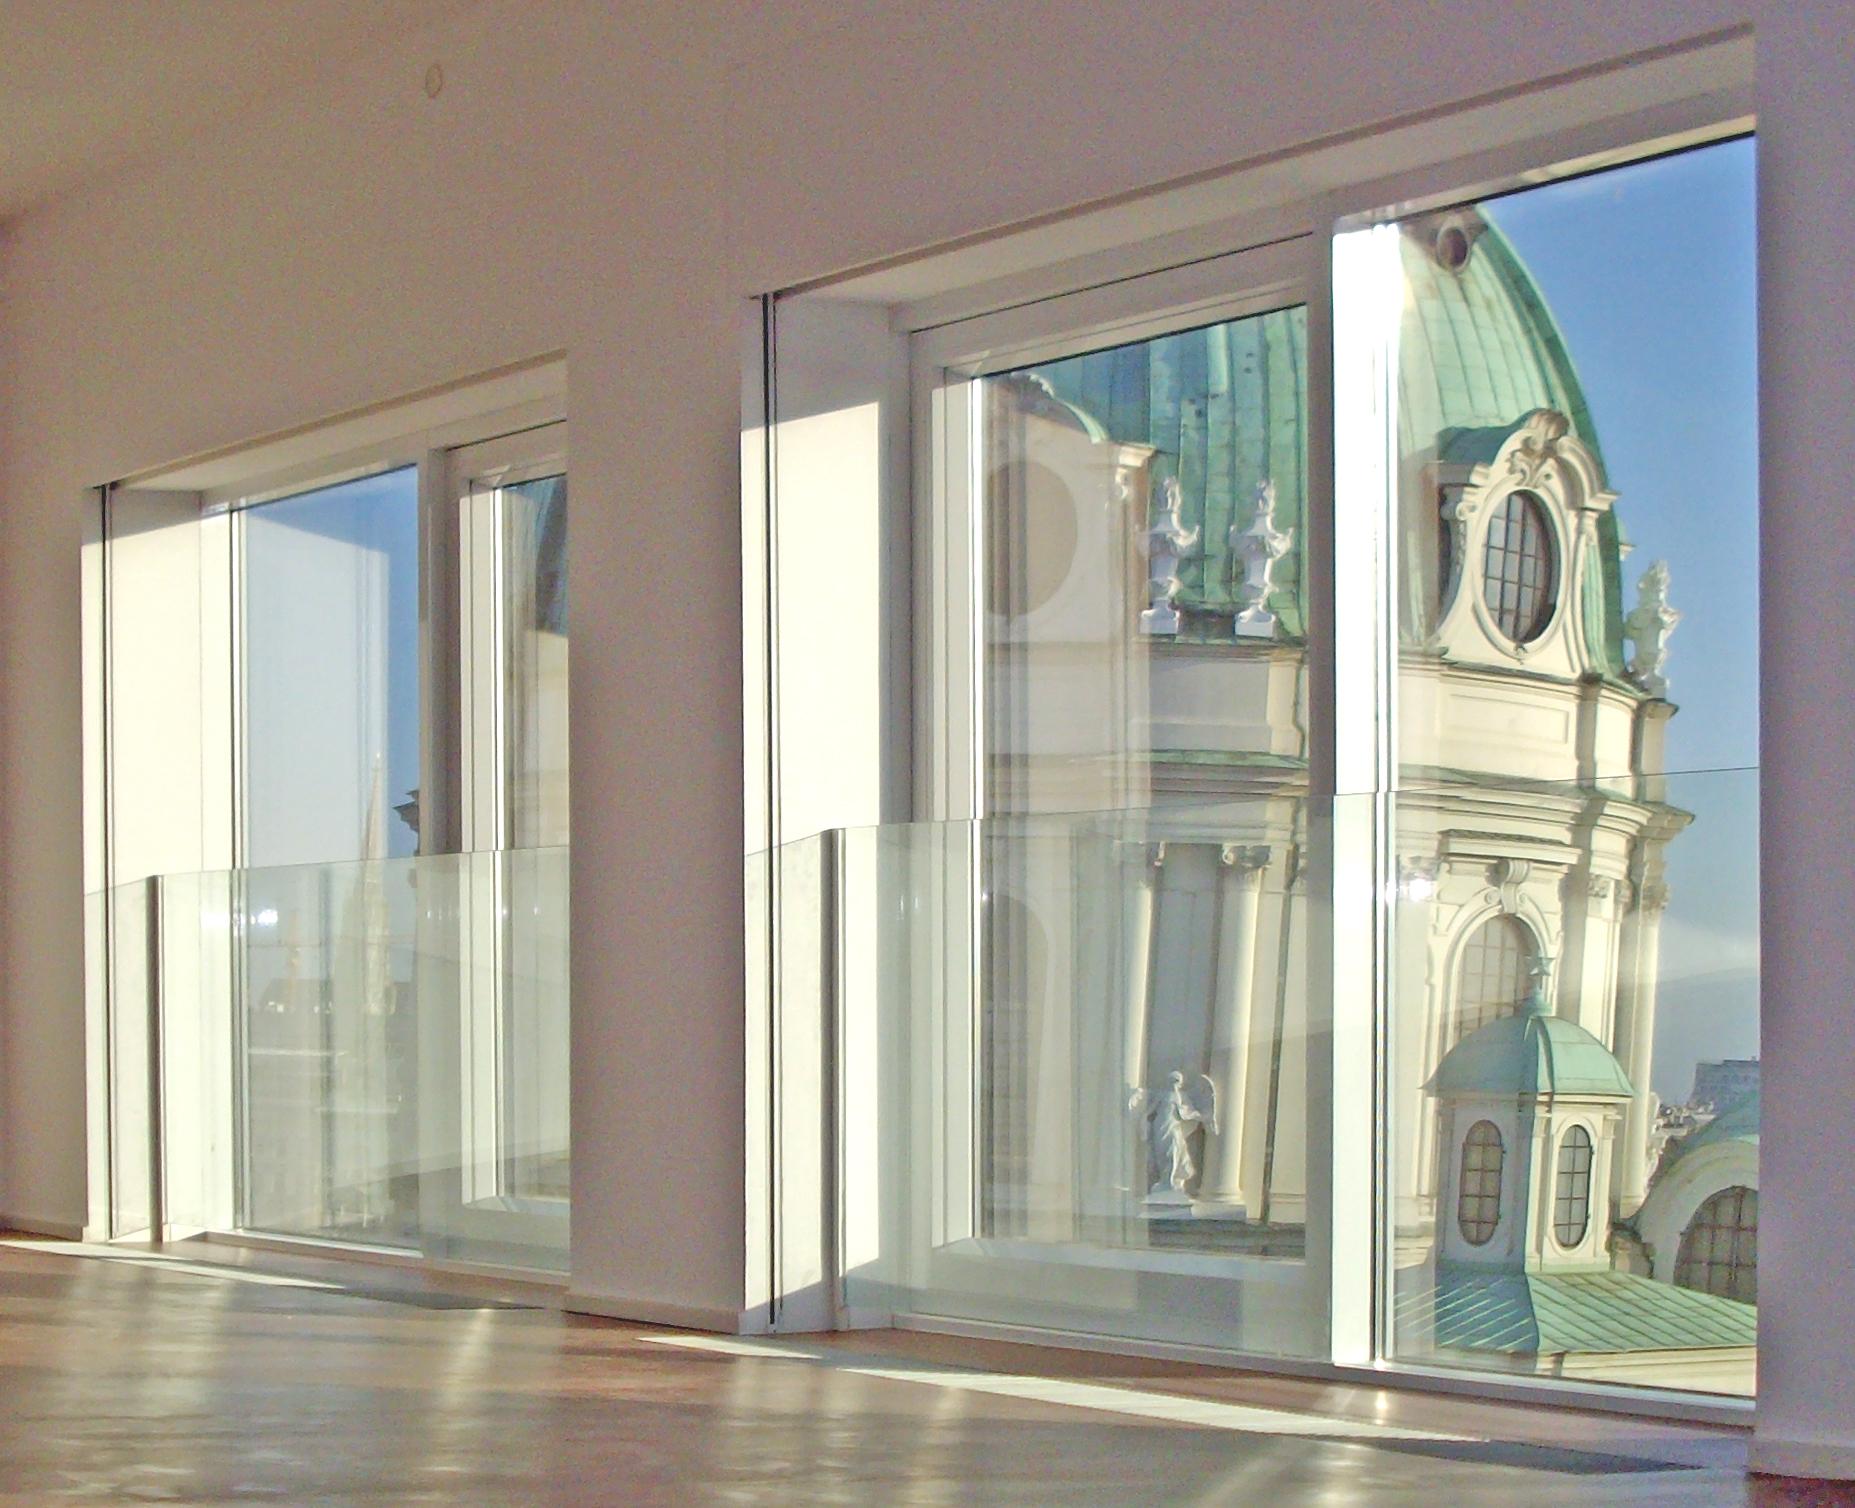 Full Size of Glasfenster Absturzsicherung Riha Glastechnik Gmbh Sonnenschutzfolie Fenster Fototapete Ebay Nach Maß Standardmaße Sichtschutzfolie Für Welten Sichern Gegen Fenster Absturzsicherung Fenster